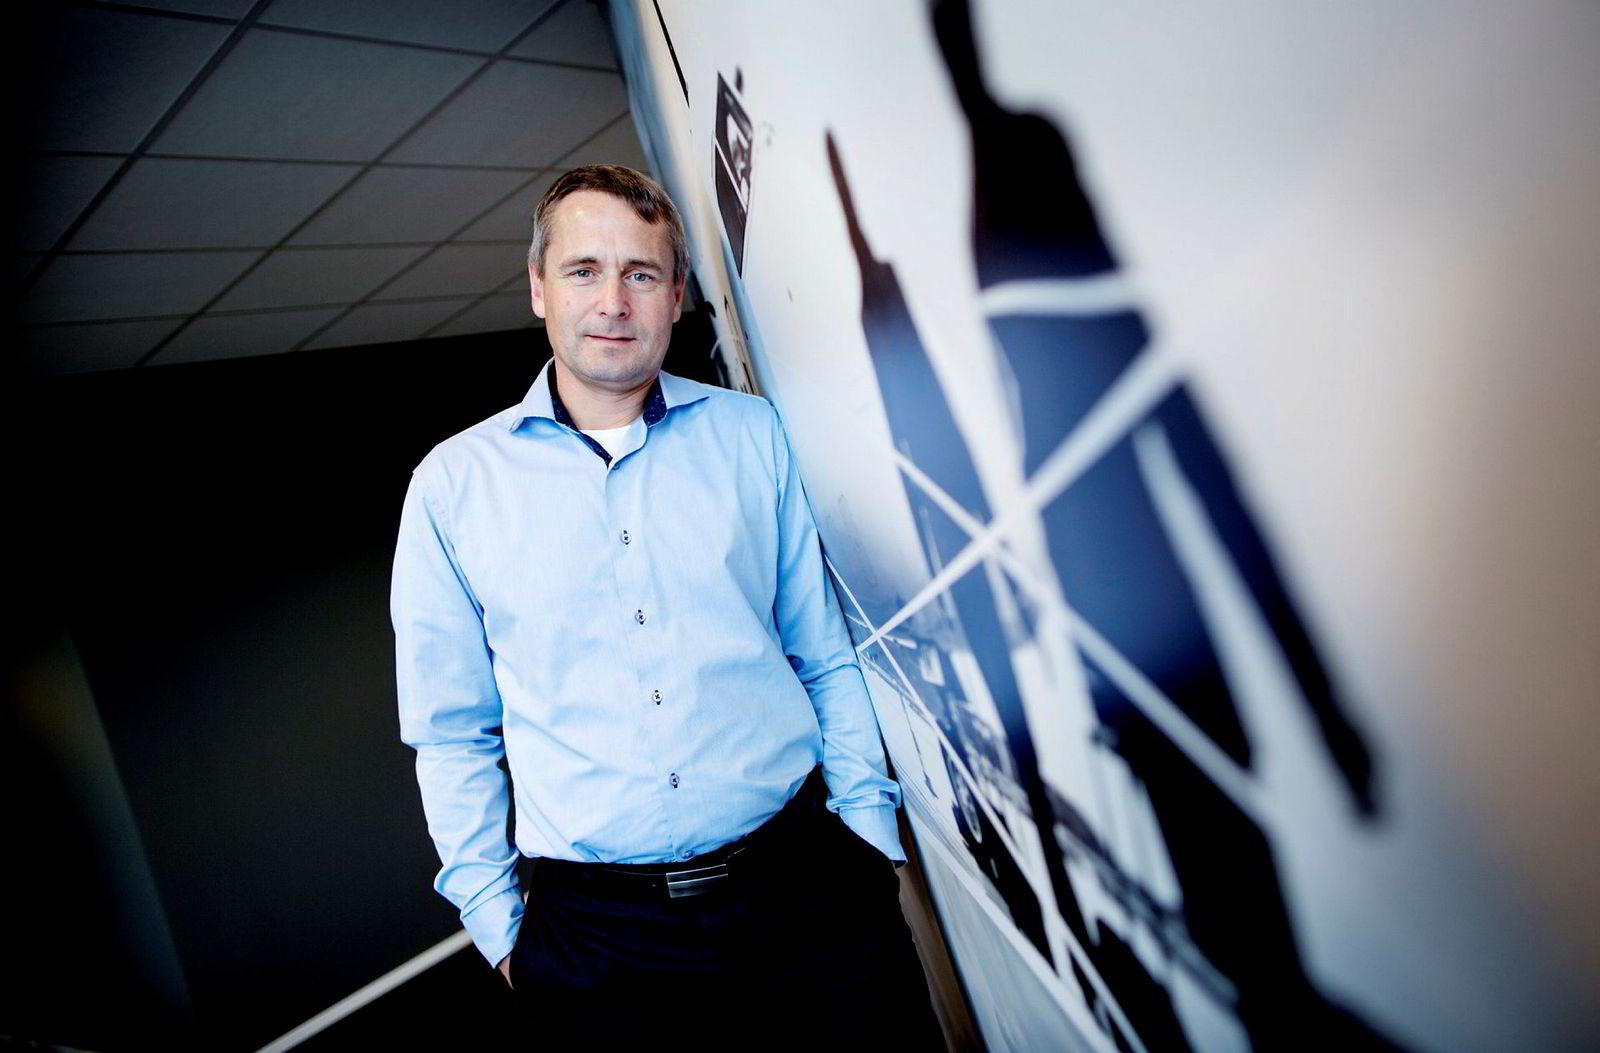 Widerøe-sjef Stein Nilsen vil avvente rutekutt og se om avgiftskutt går gjennom.